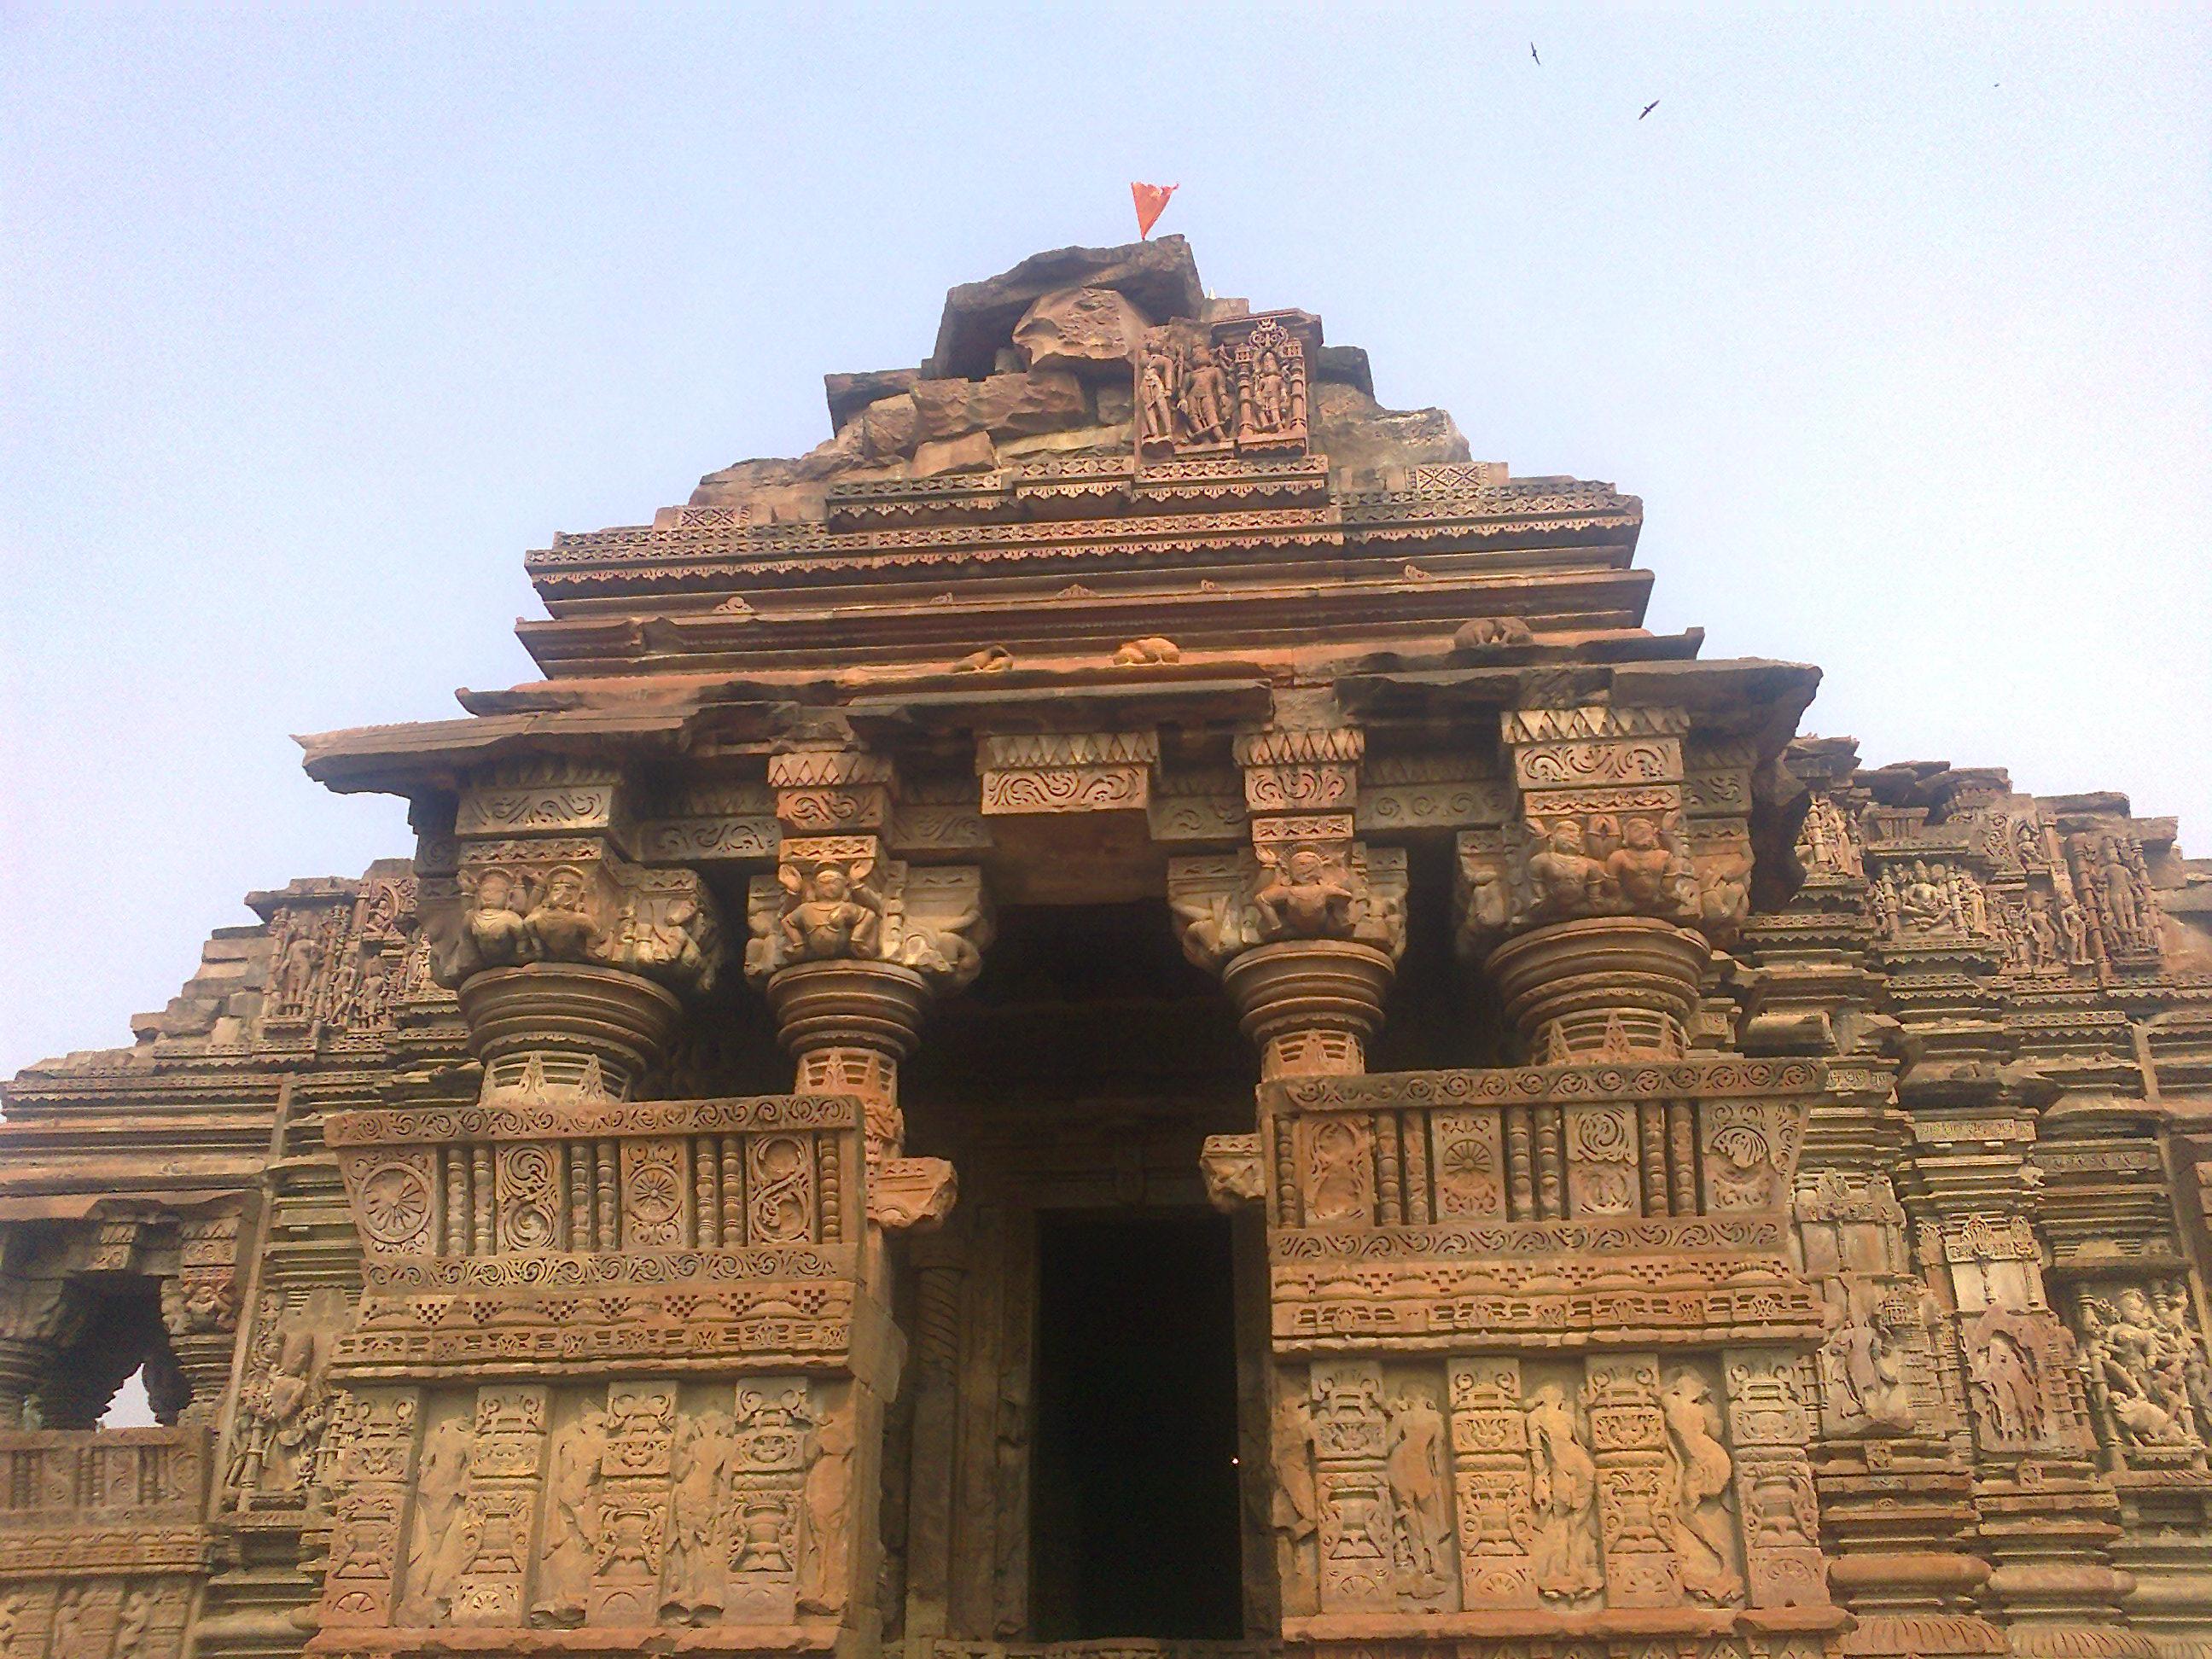 Neelkantheshwar Temple